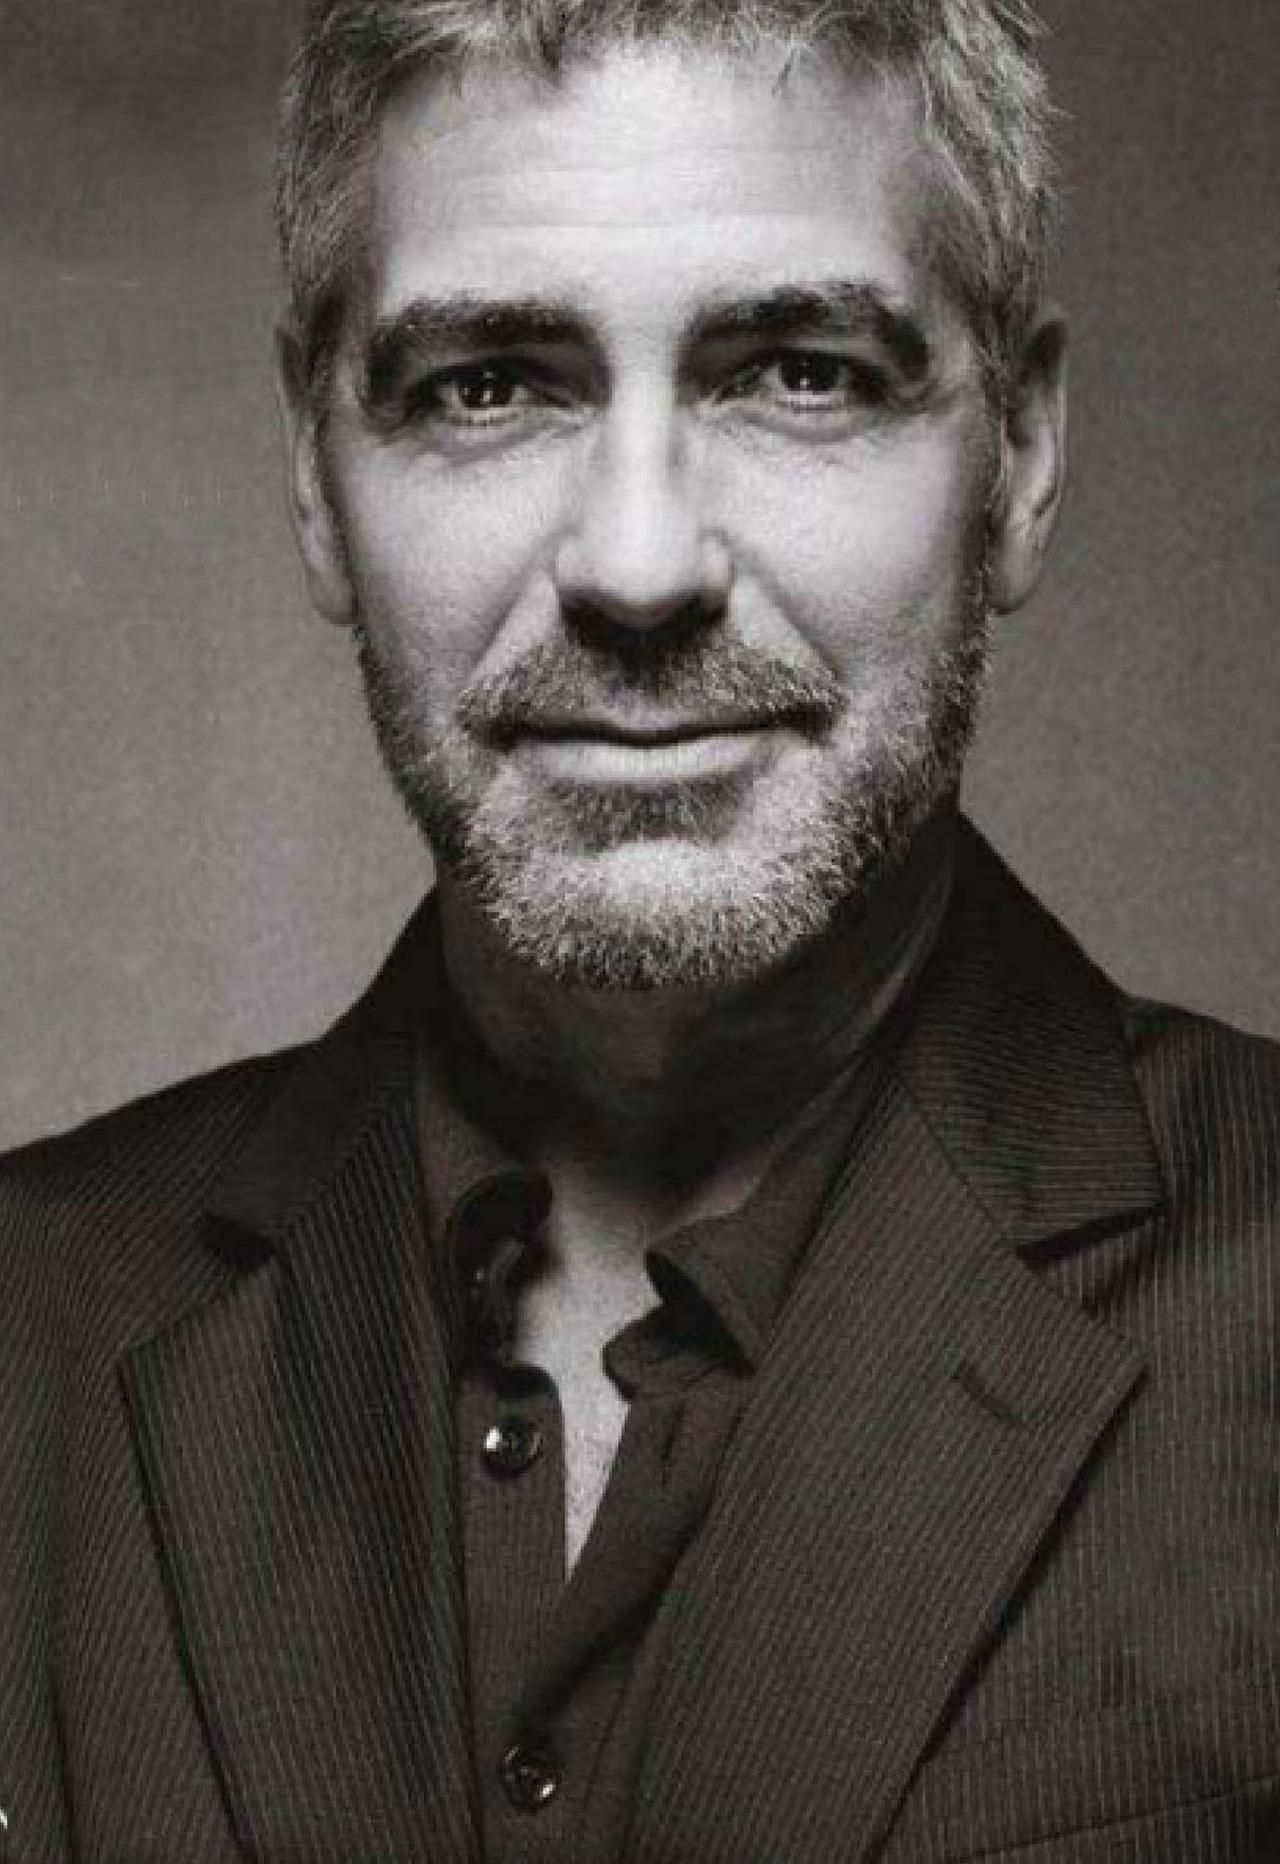 George Clooney Eyeglasses